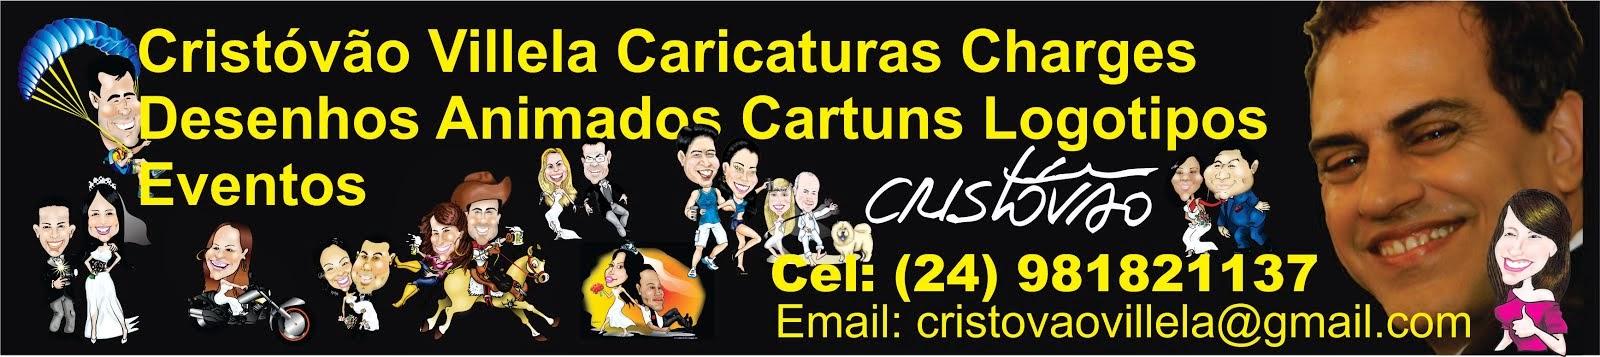 Caricaturas Cristóvão Villela